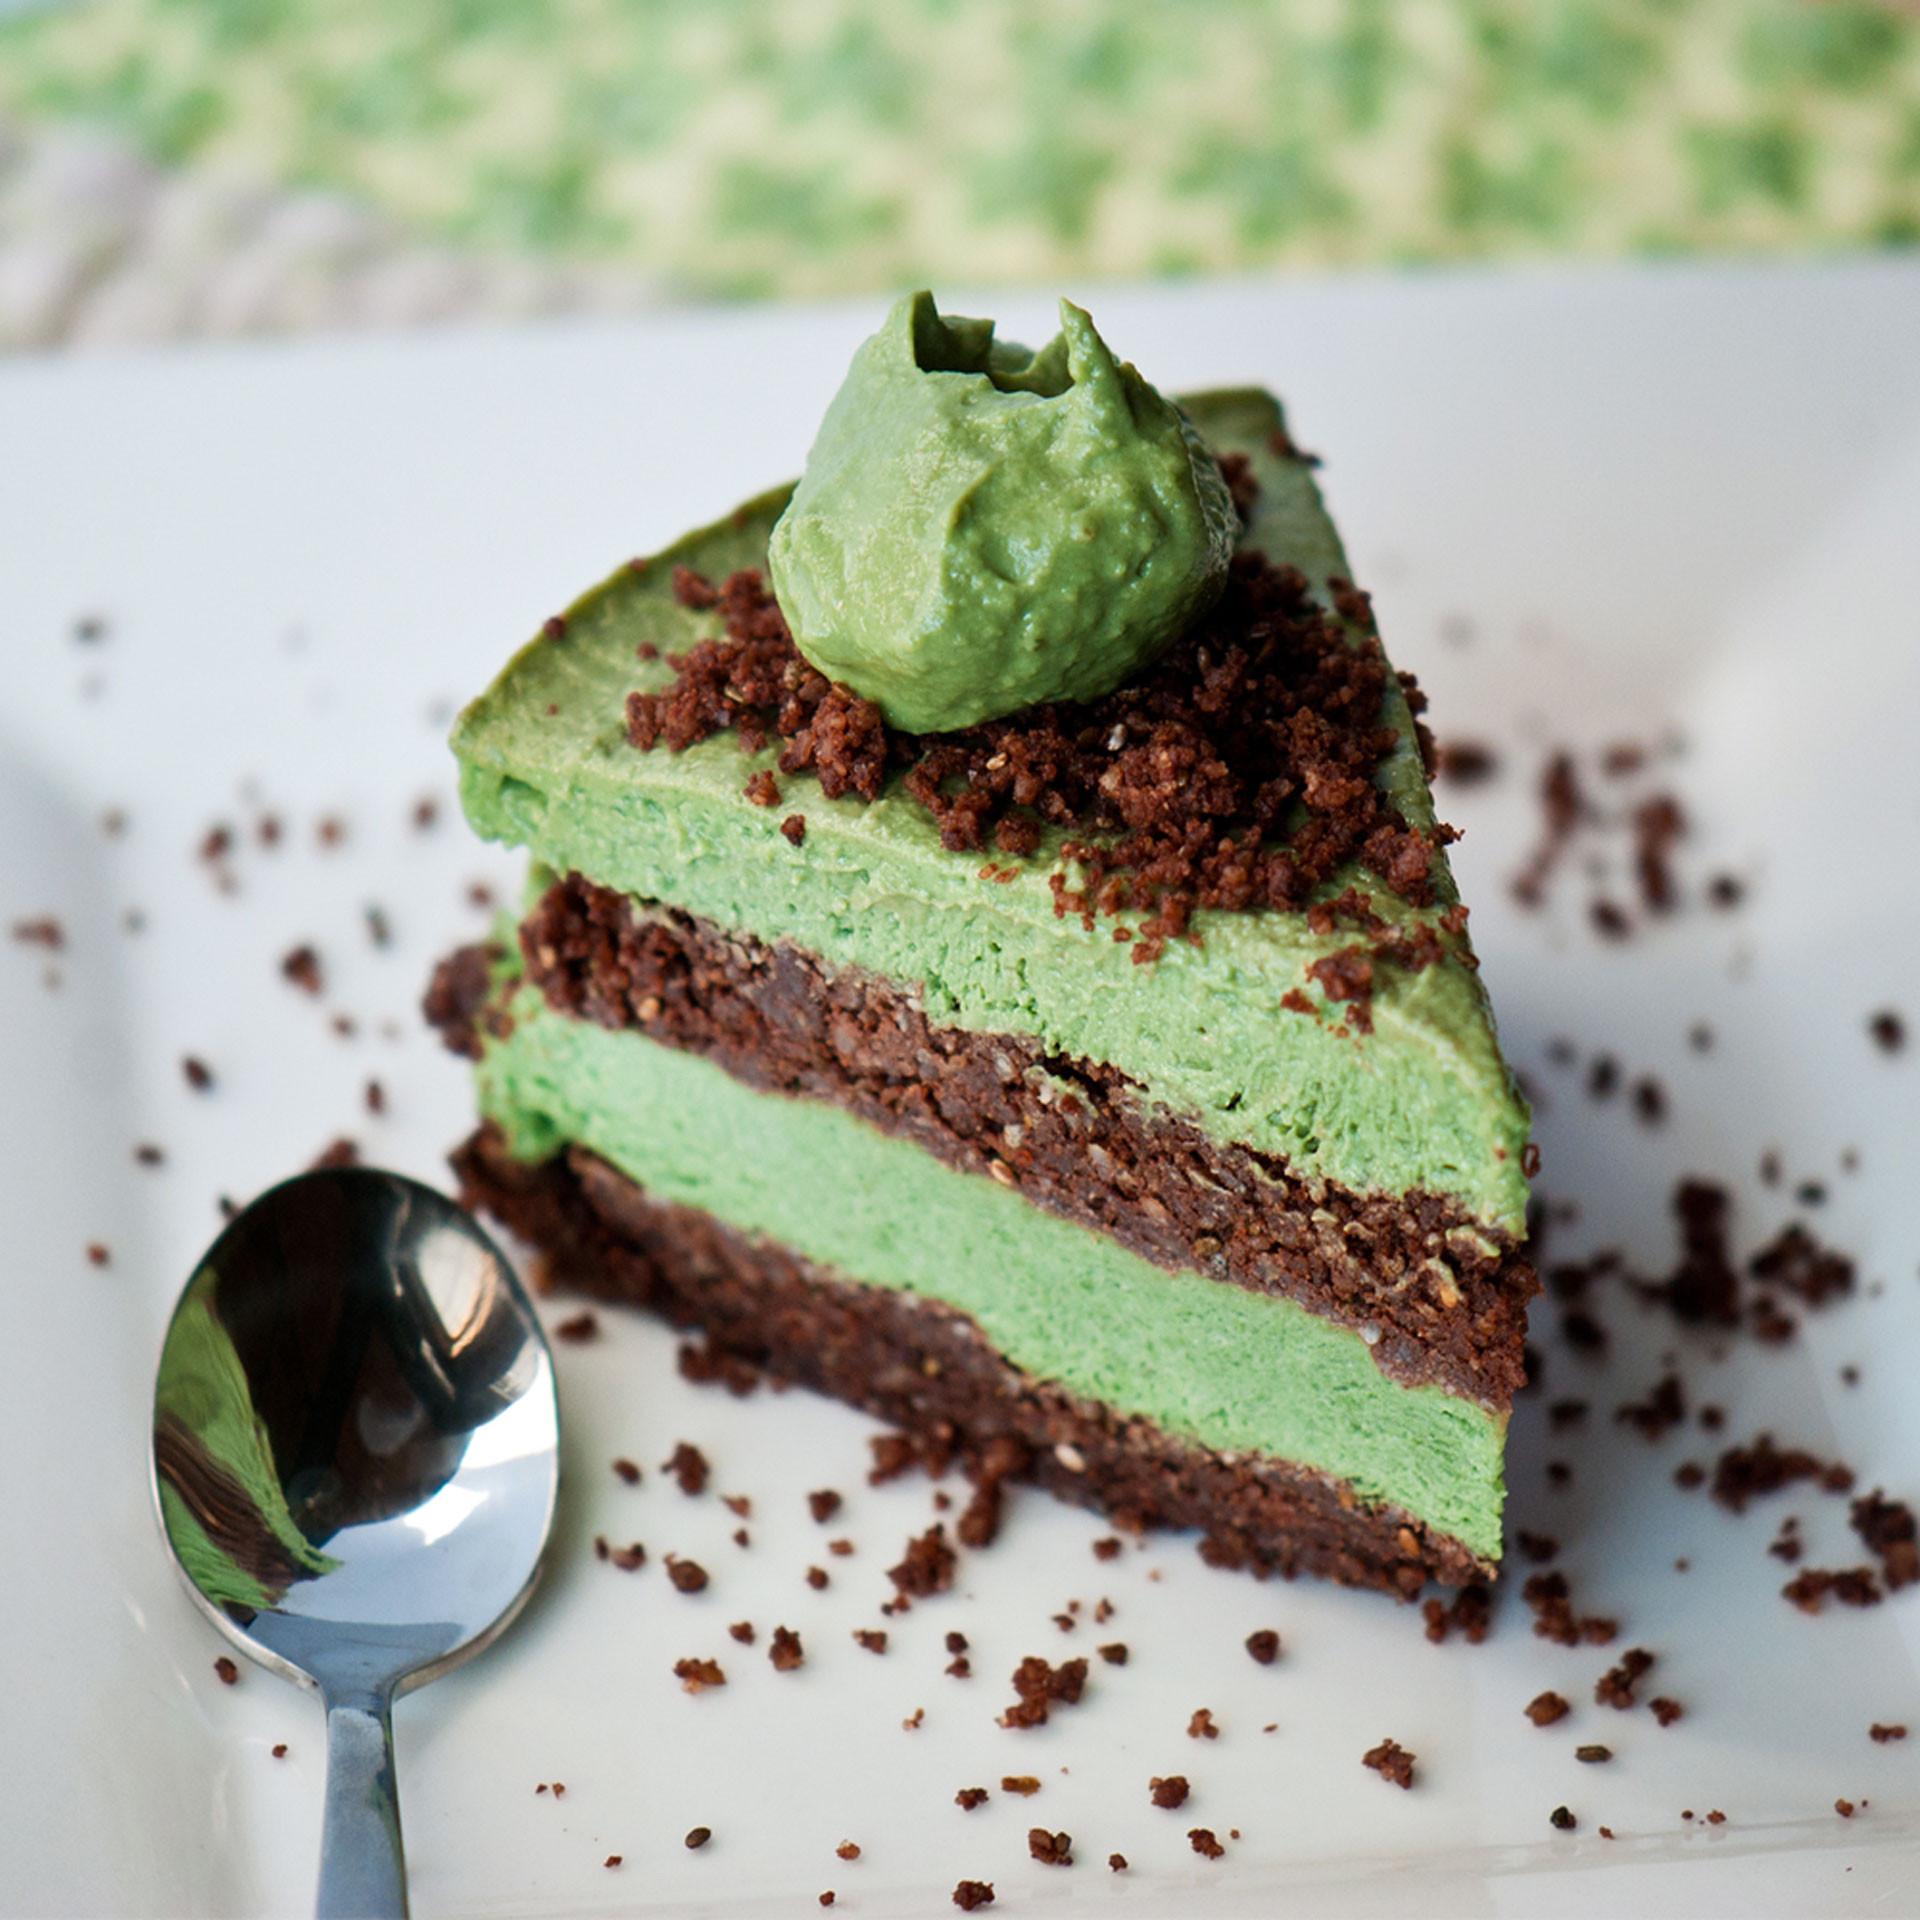 Healthy Dessert Recipes  Avocado Dessert Recipes Healthy Desserts Made with Avocado